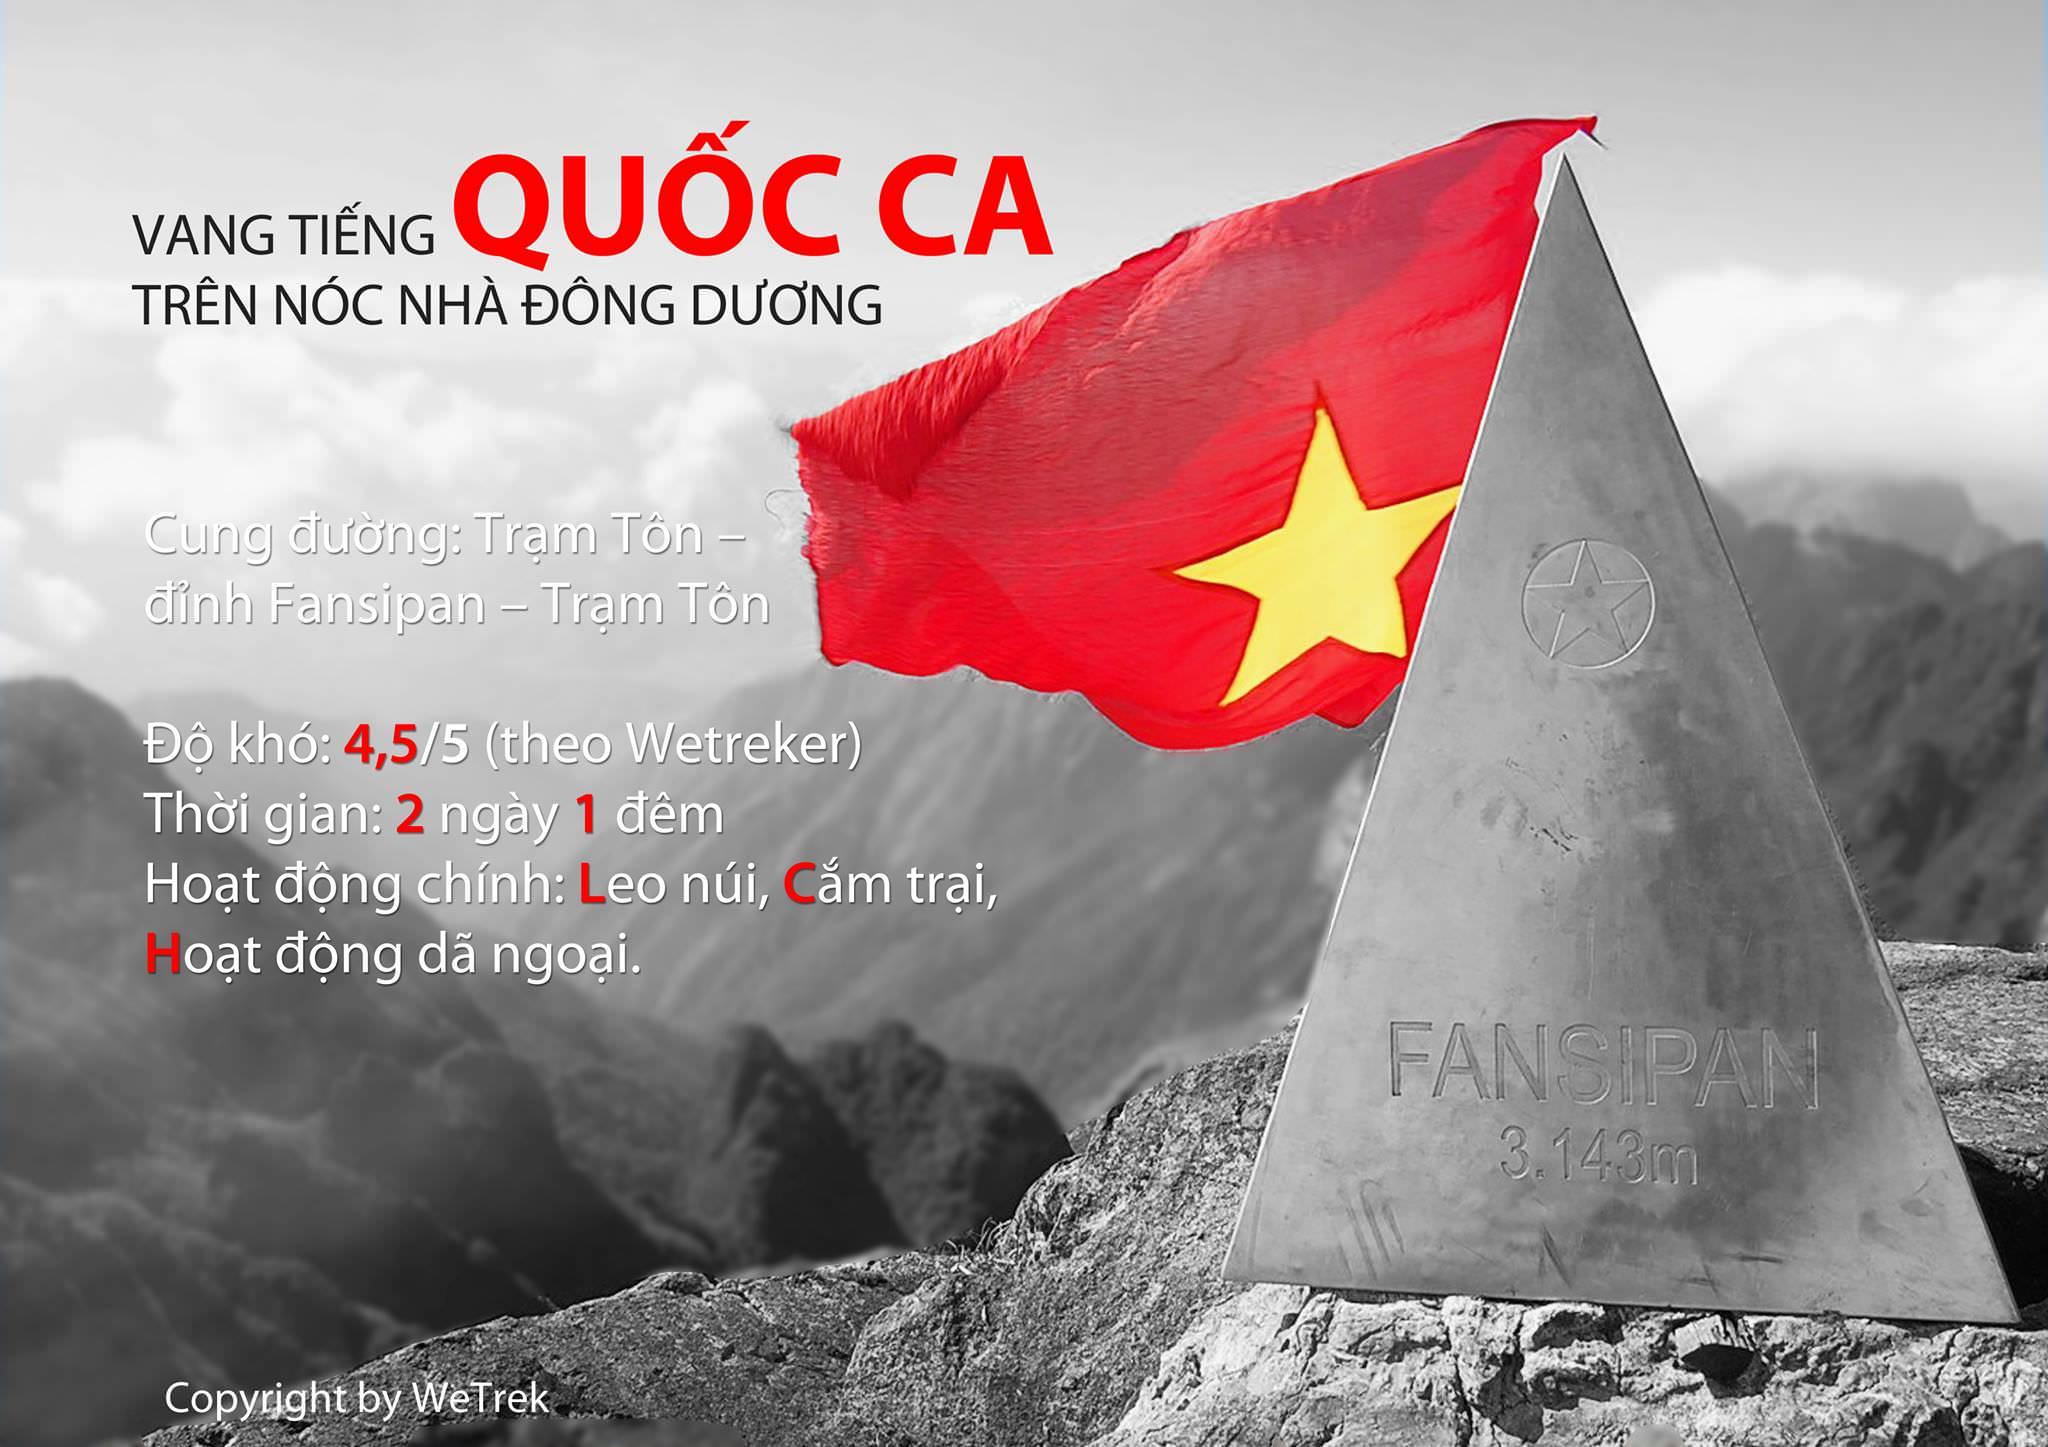 Nhật ký ngày về Fansipan - Vang tiếng Quốc Ca trên nóc nhà Đông Dương (30.8 - 2.9.2013)